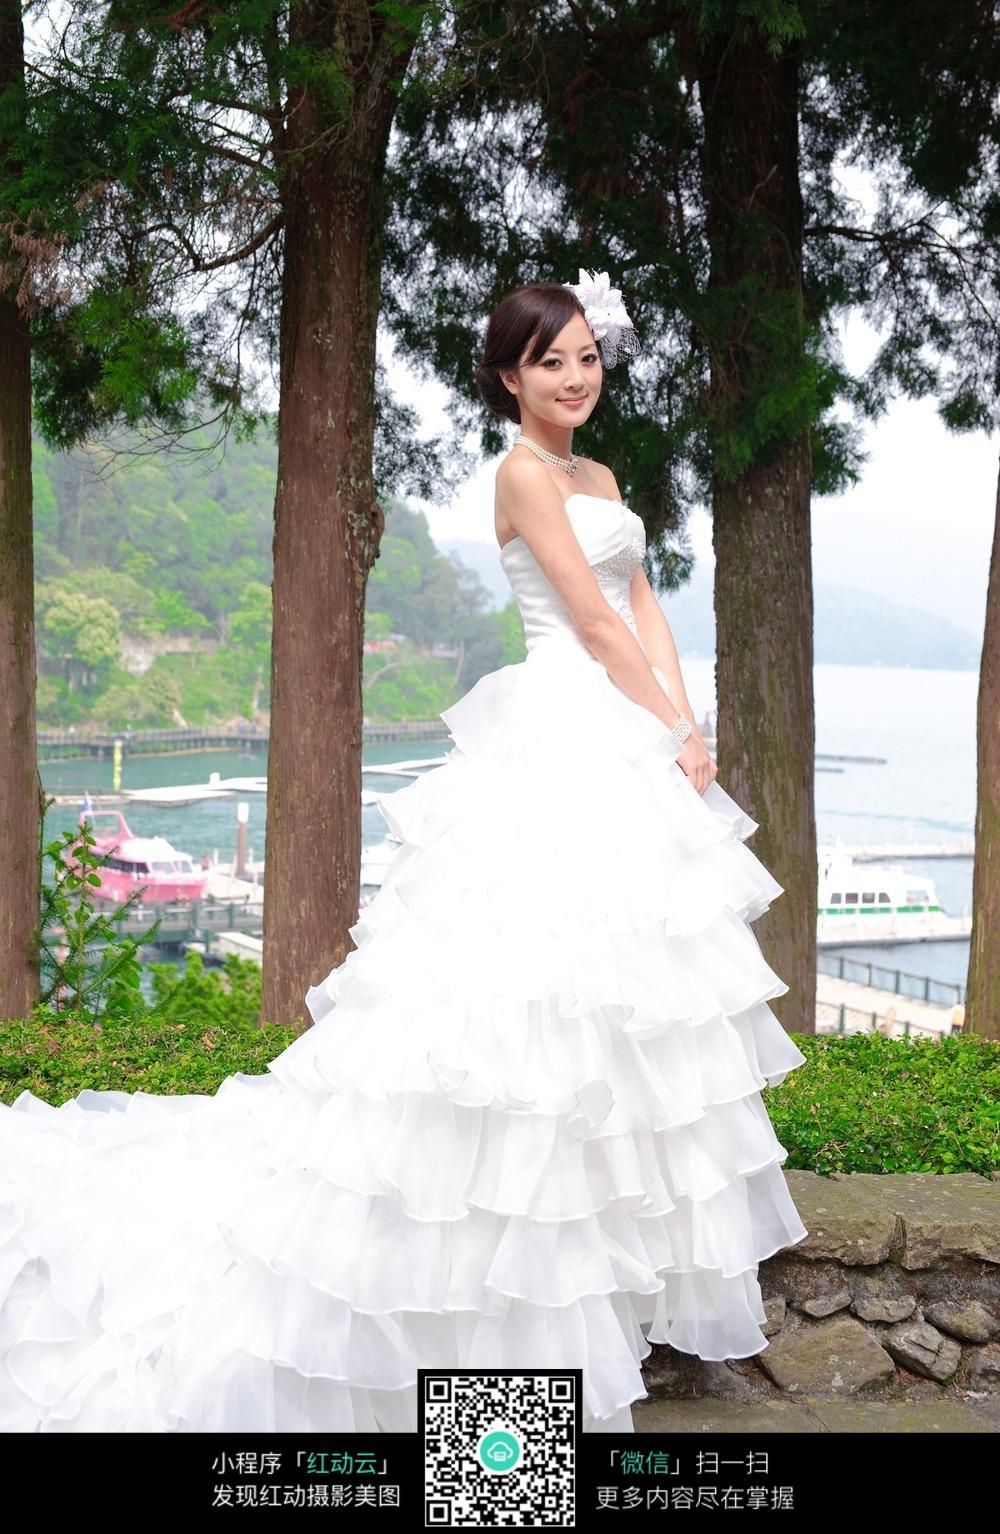 优雅美女白色婚纱照